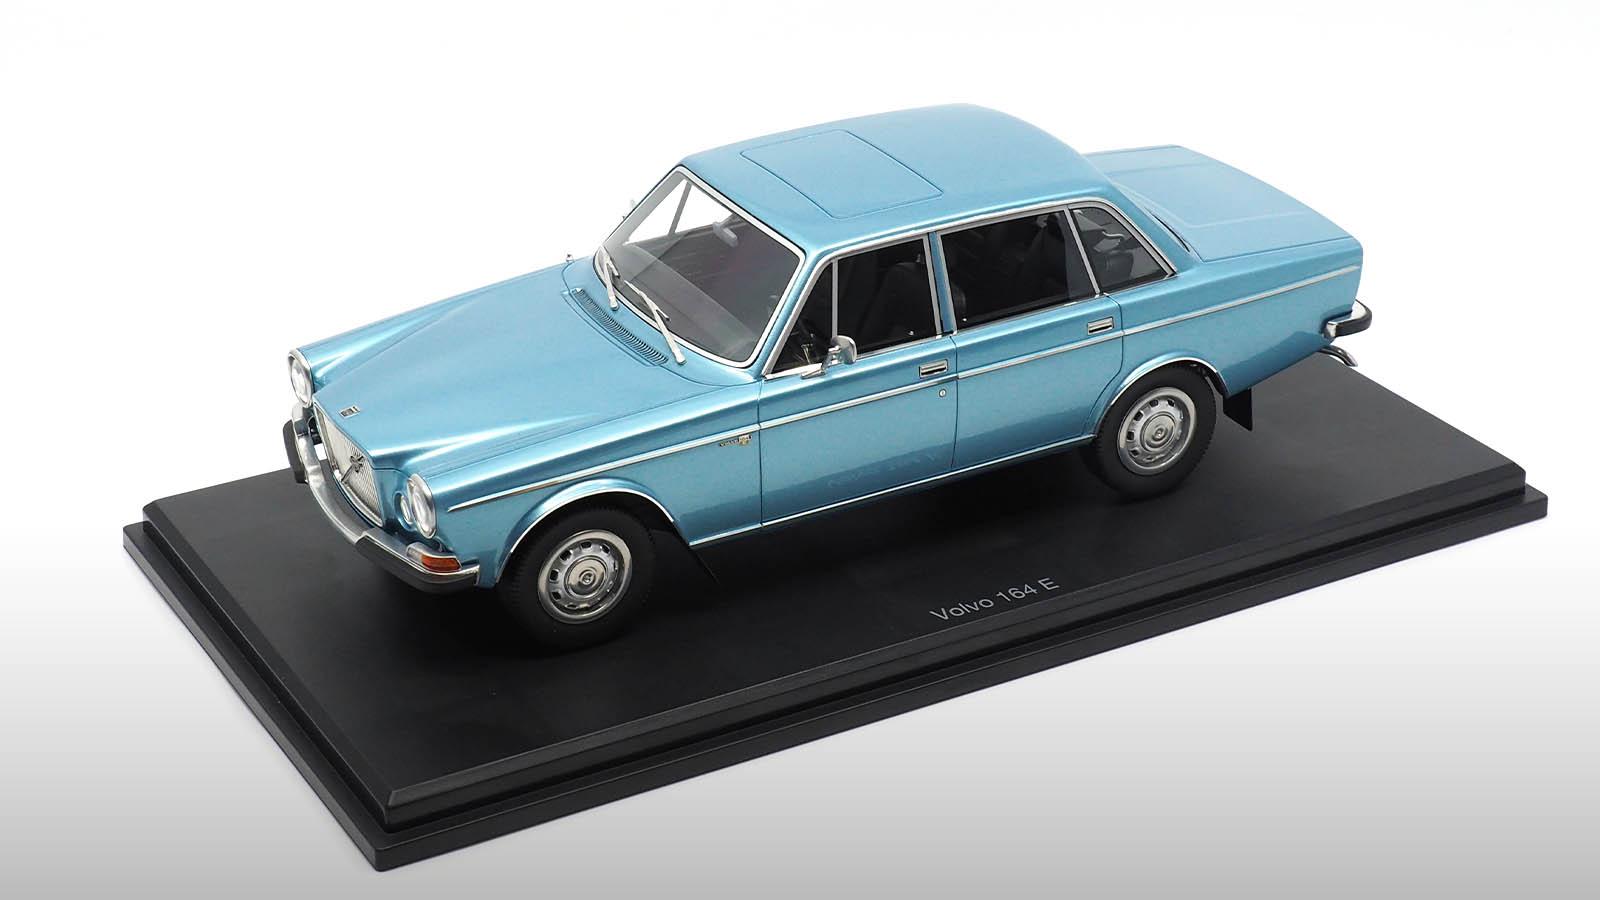 1/18 Volvo 164 E DNA Collectibles